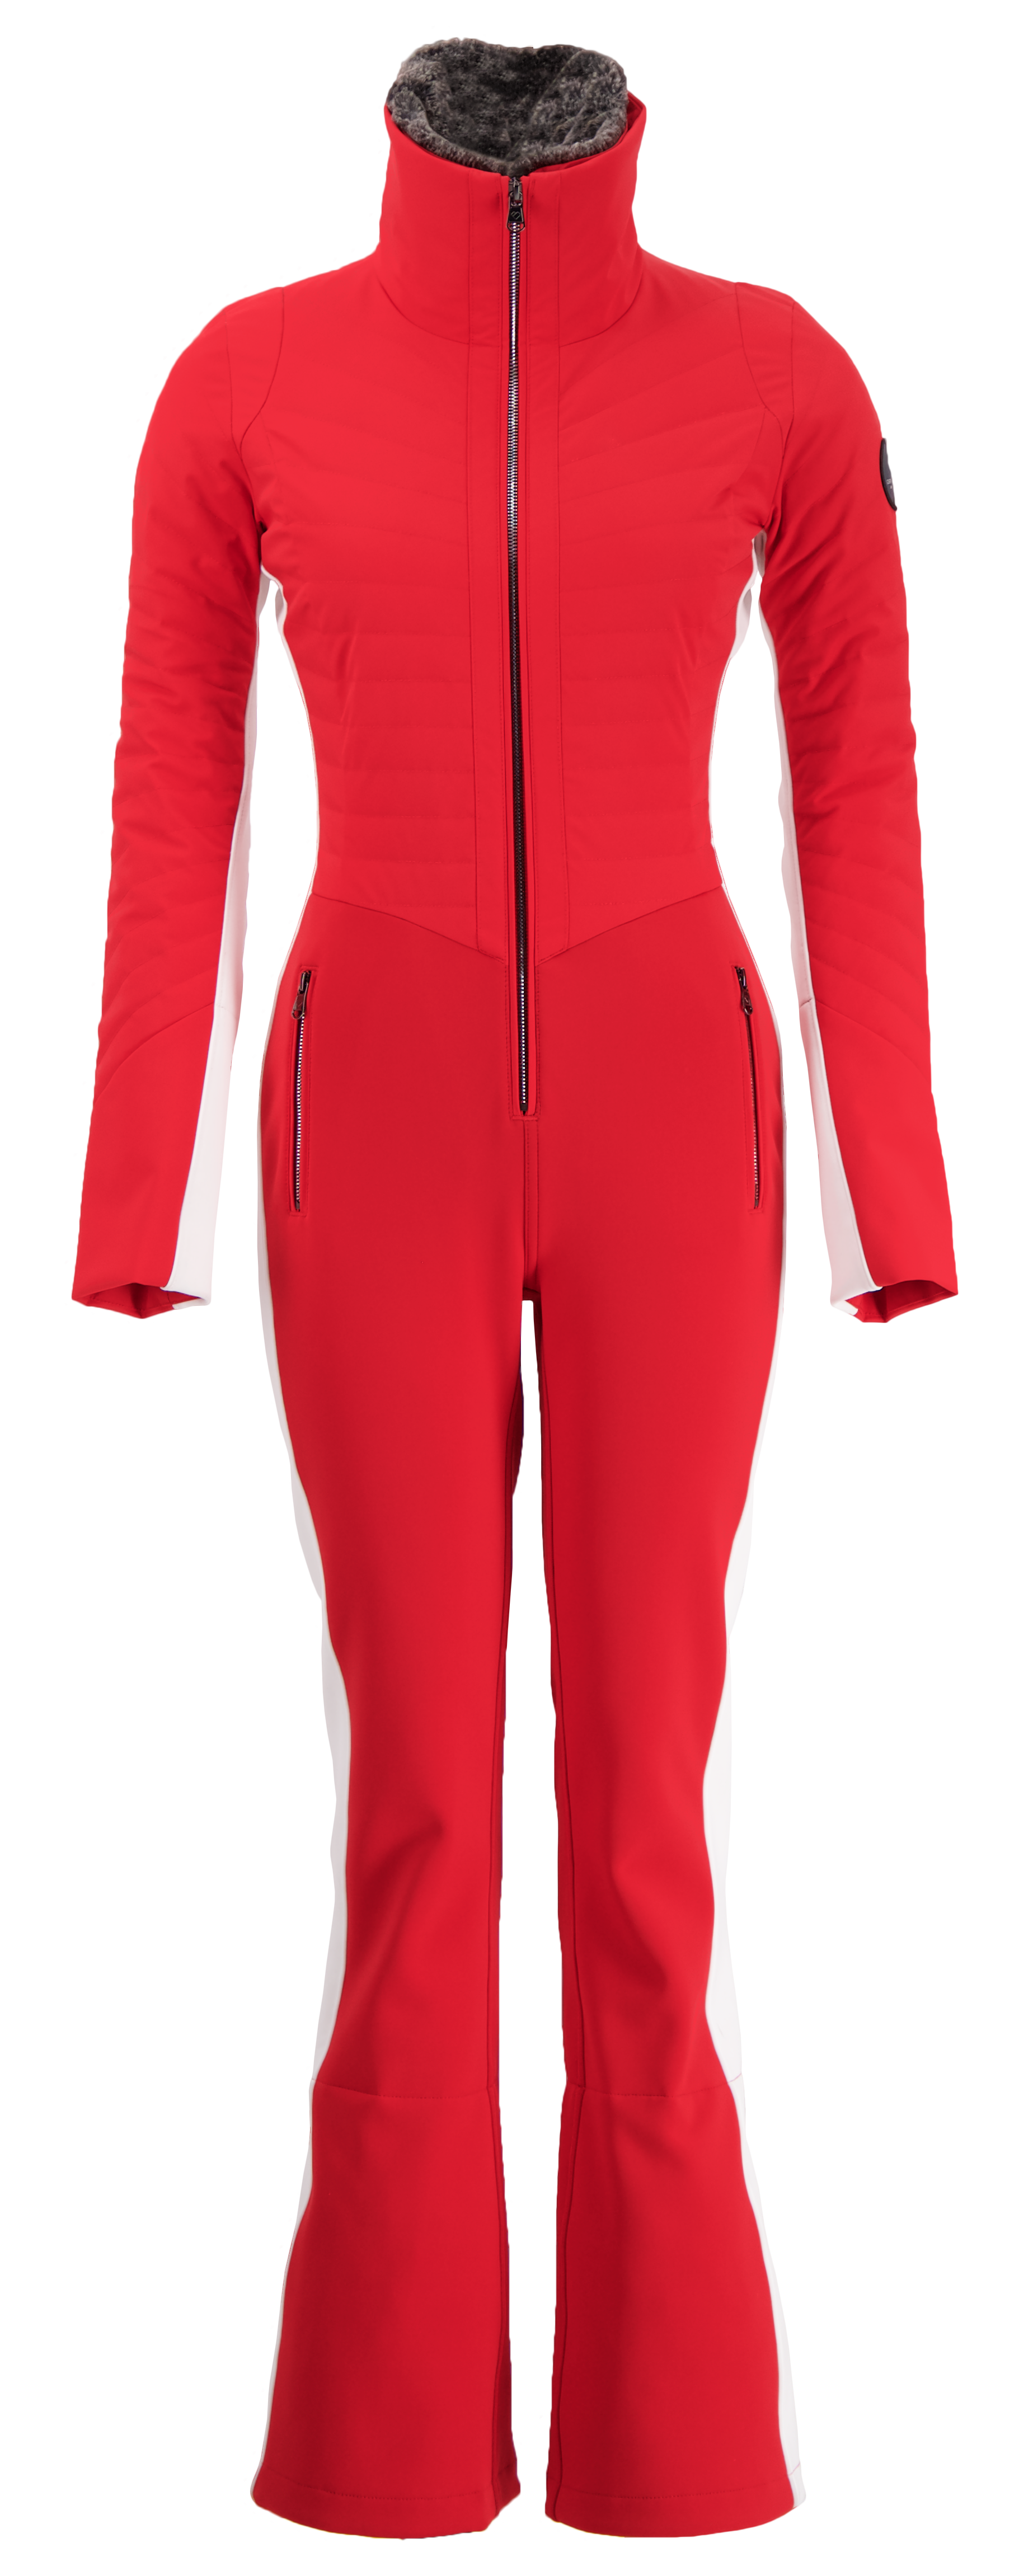 skn010202-lienz women's sl podium